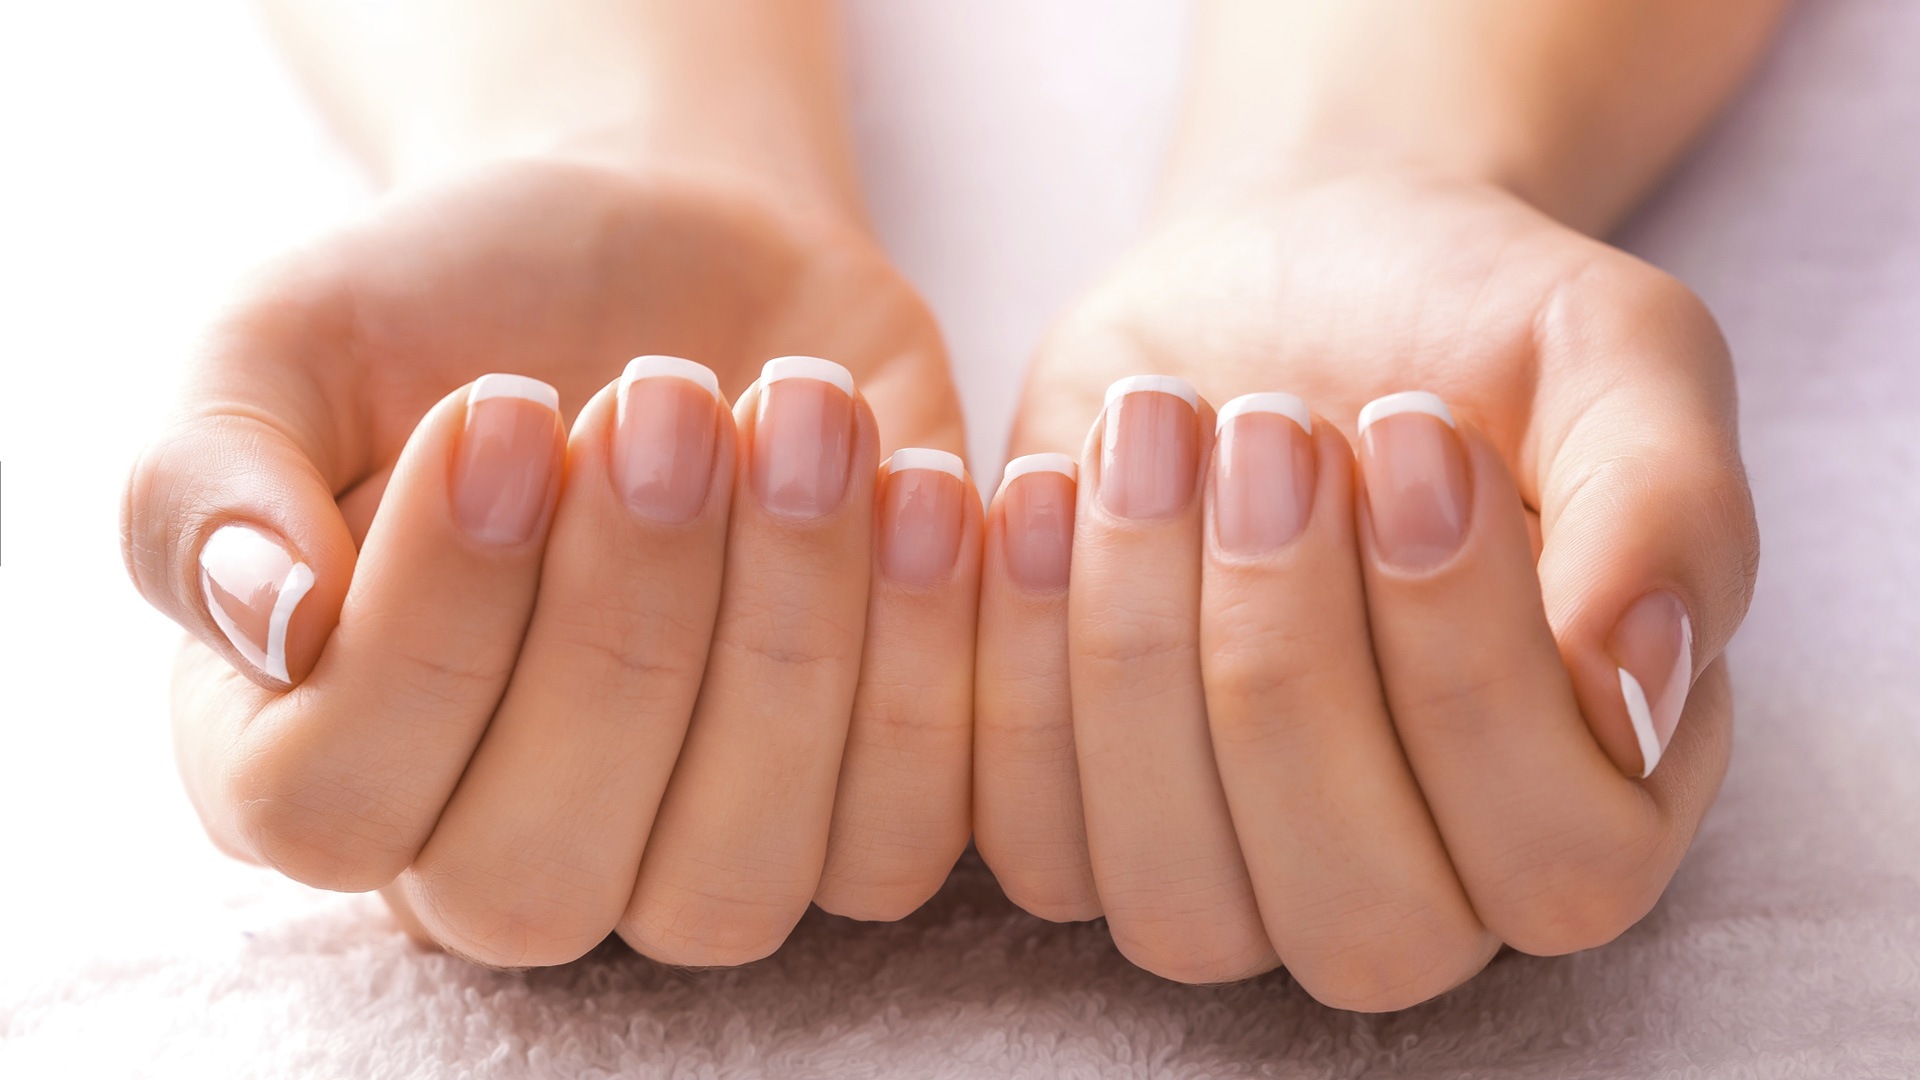 внешность как выглядят здоровые ногти на руках фото естественно, мог его